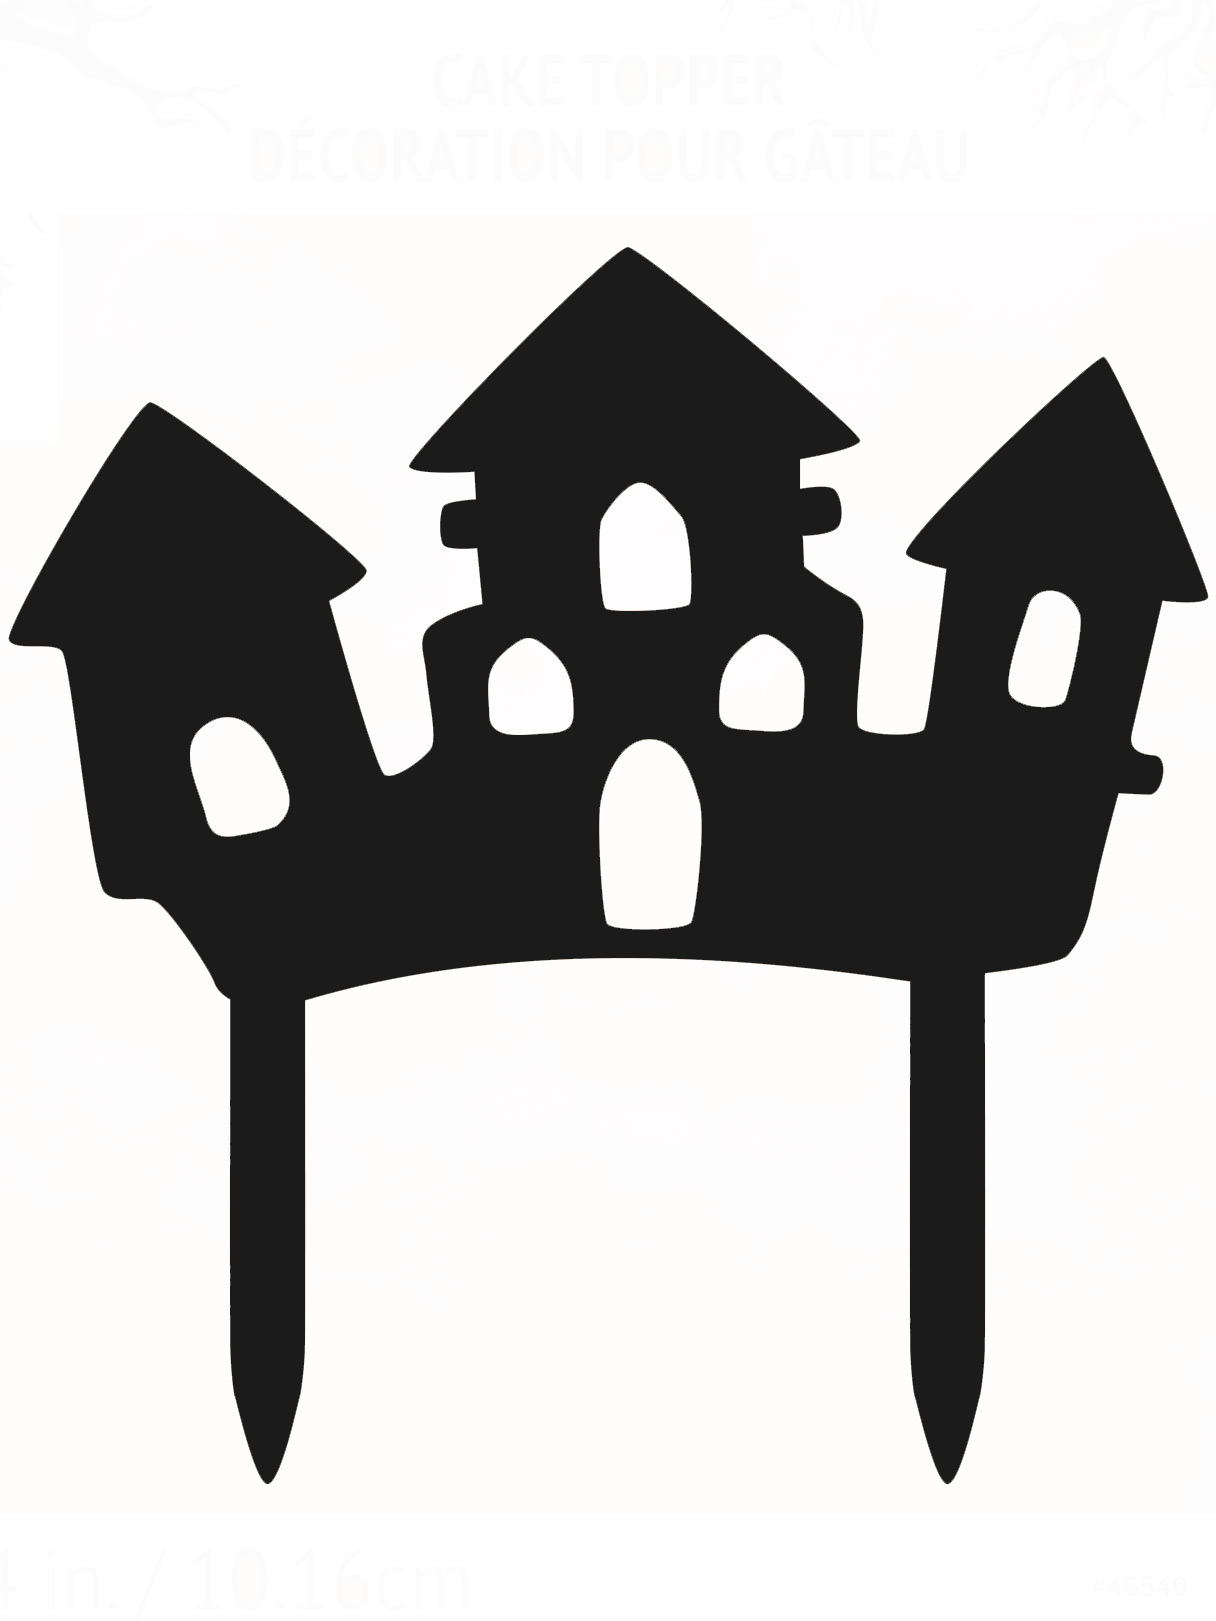 D coration pour g teau maison hant e halloween deguise toi achat de decoration animation - Dessin de maison hantee ...